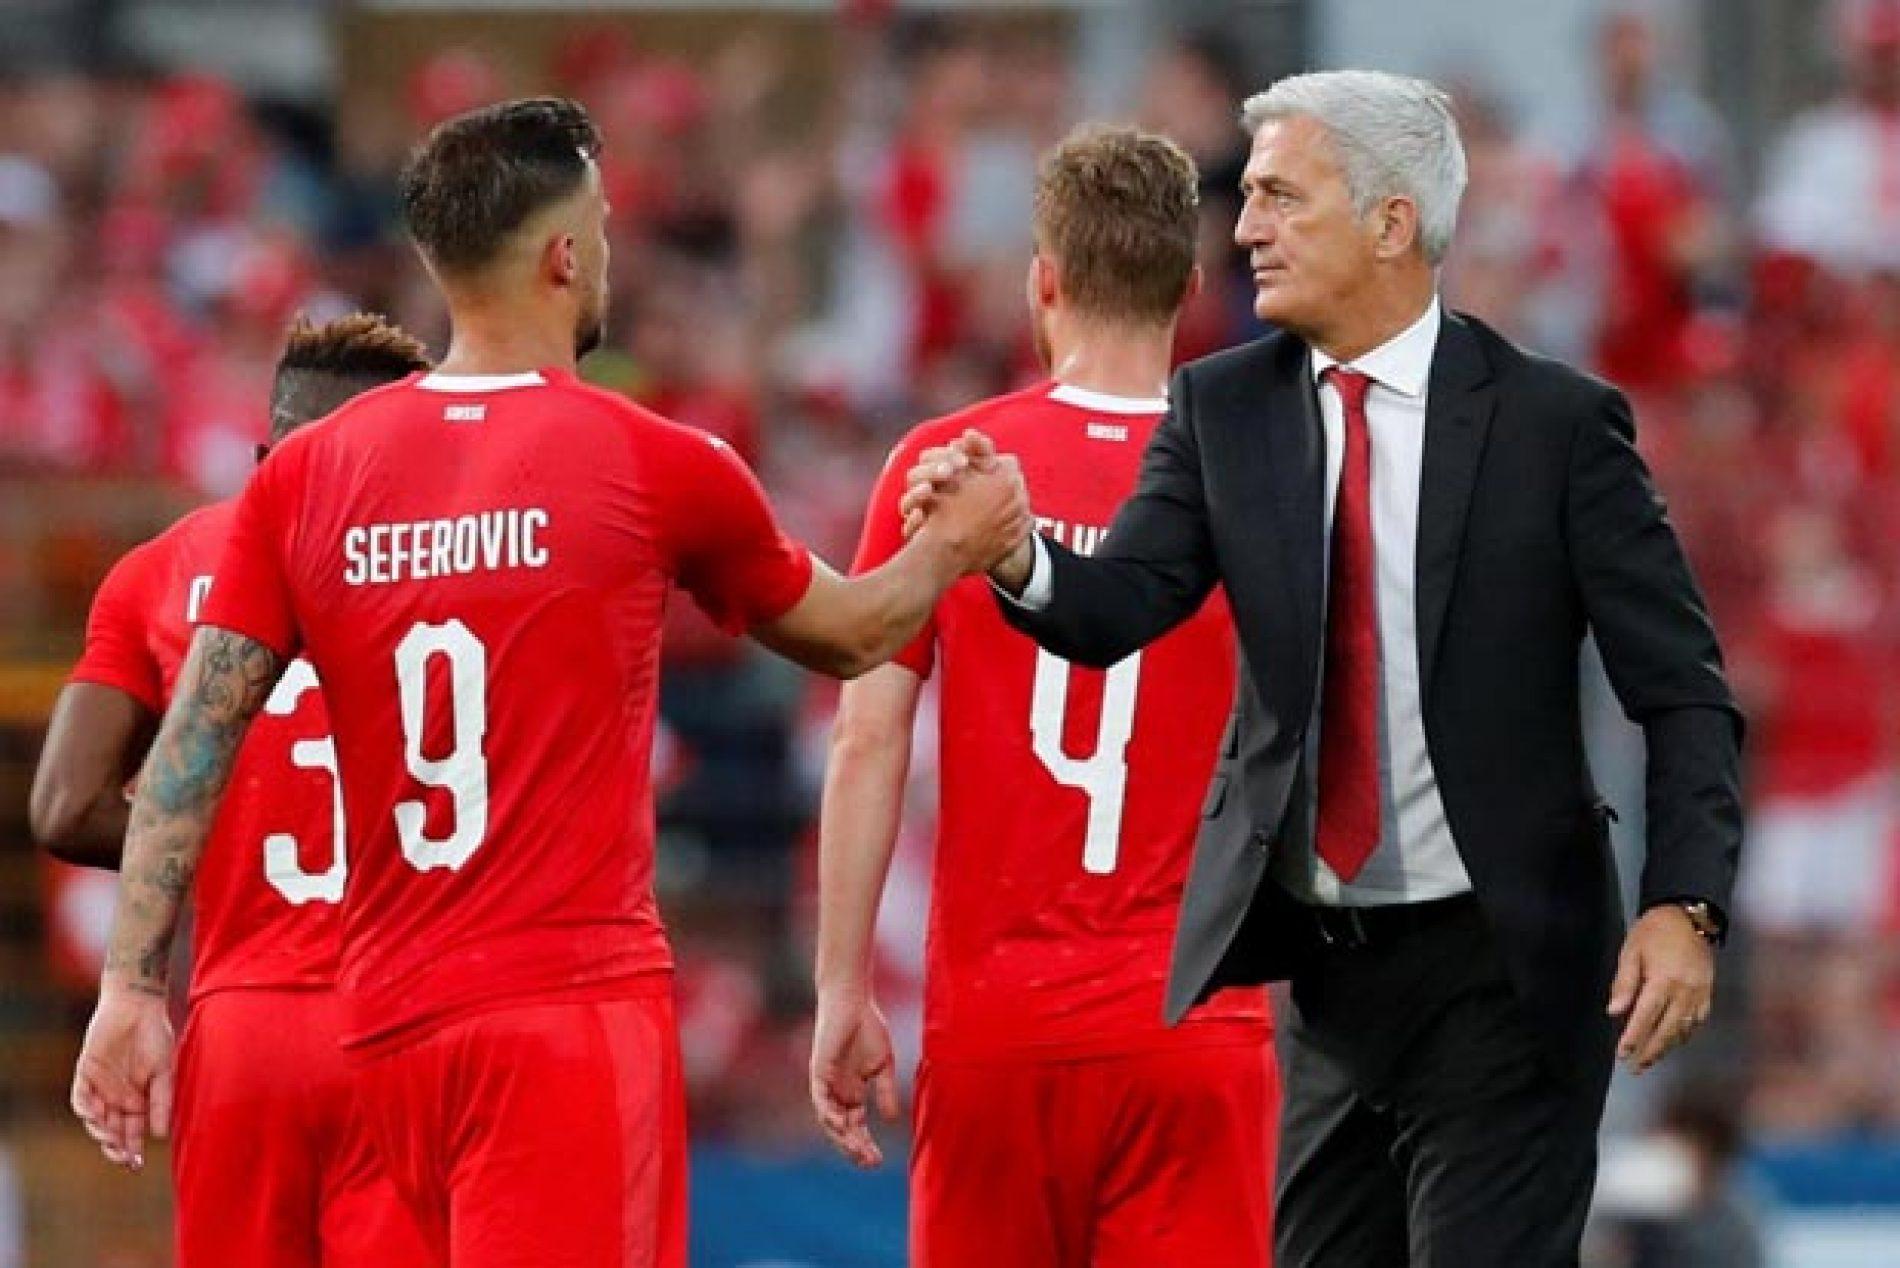 Švicarski Bosanci preskočili svjetske prvake: Petković i Seferović u 1/4 finalu Eura